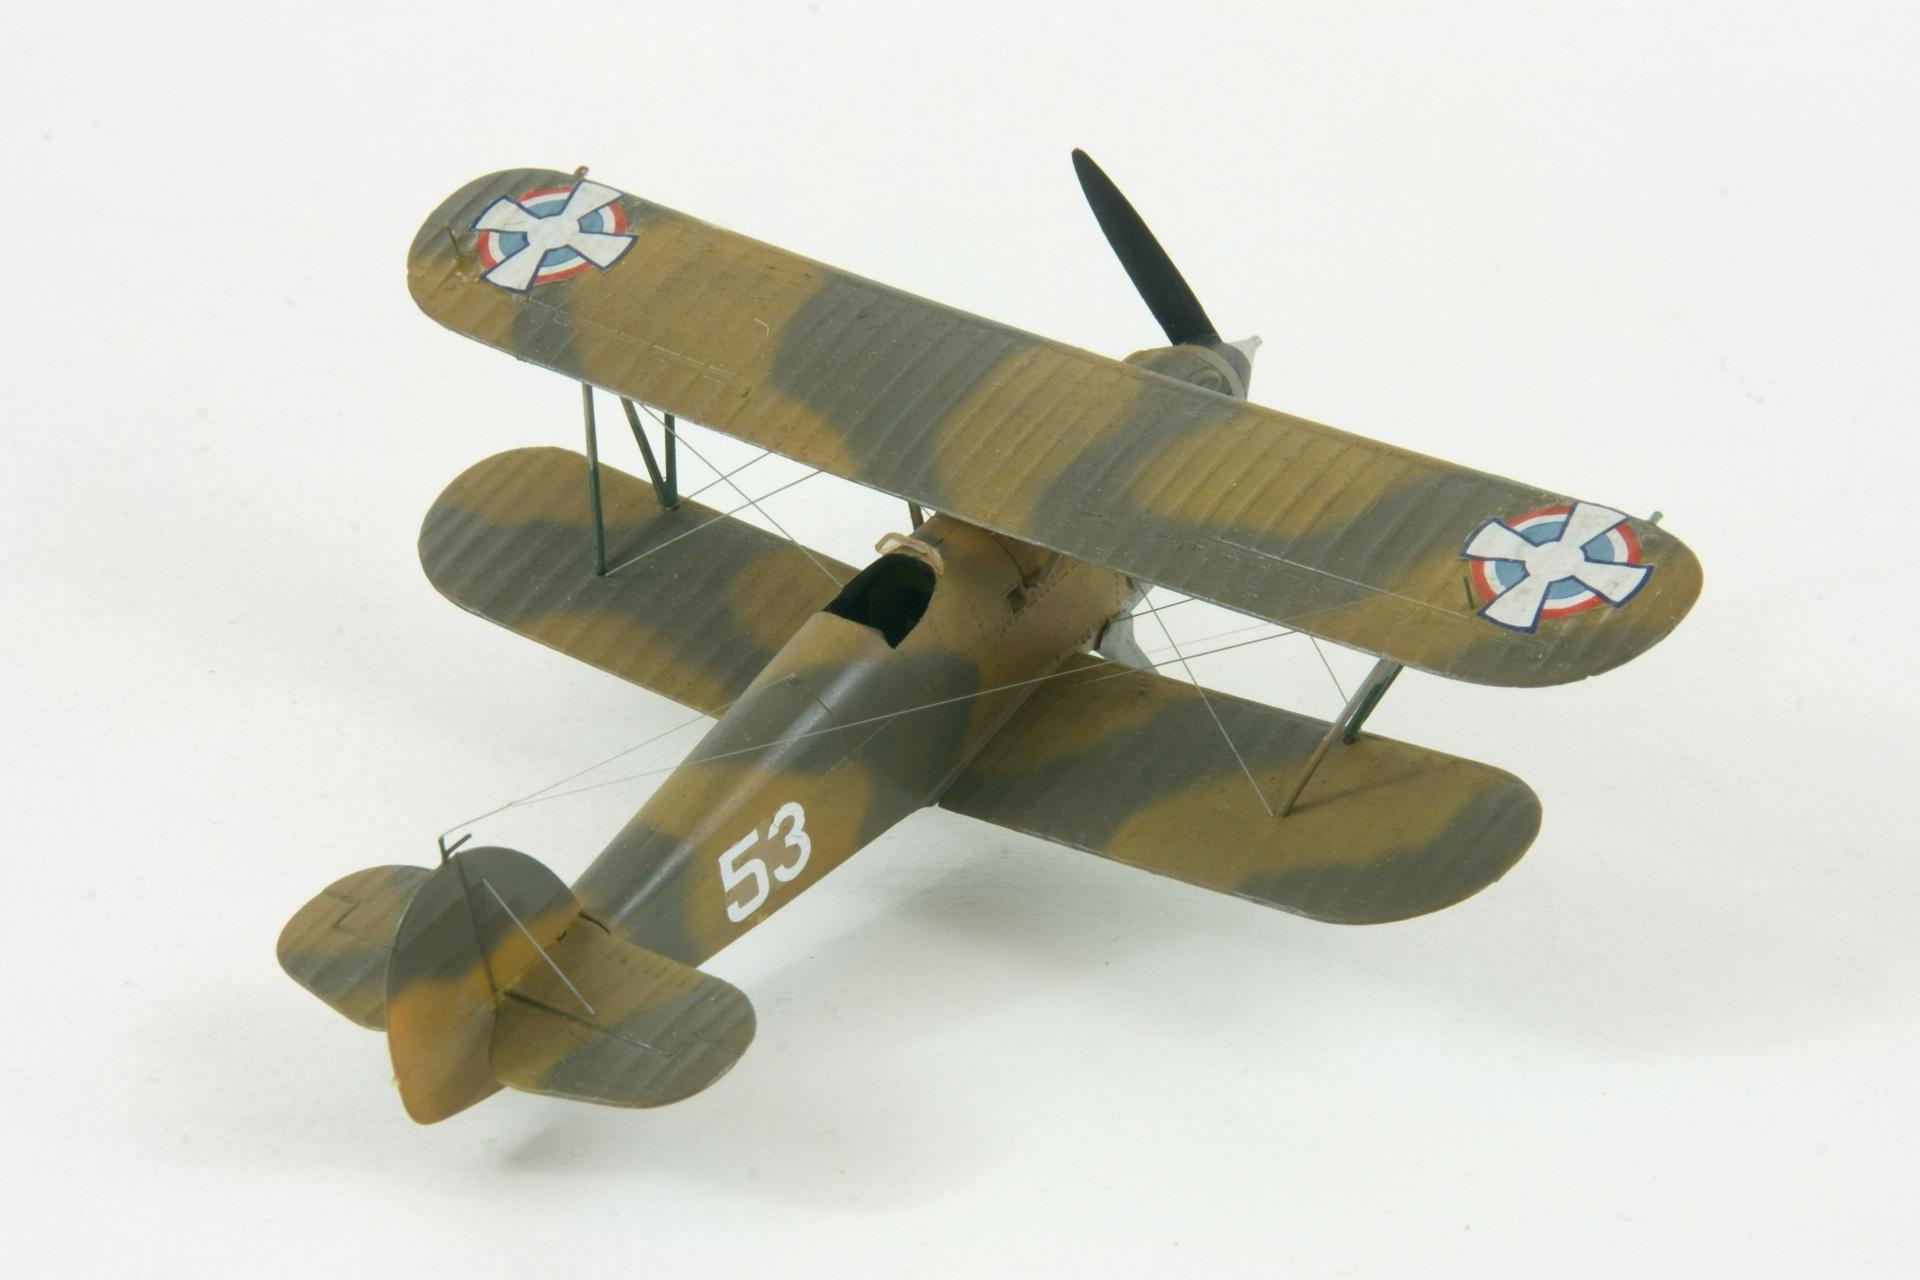 Hawker fury 3 1